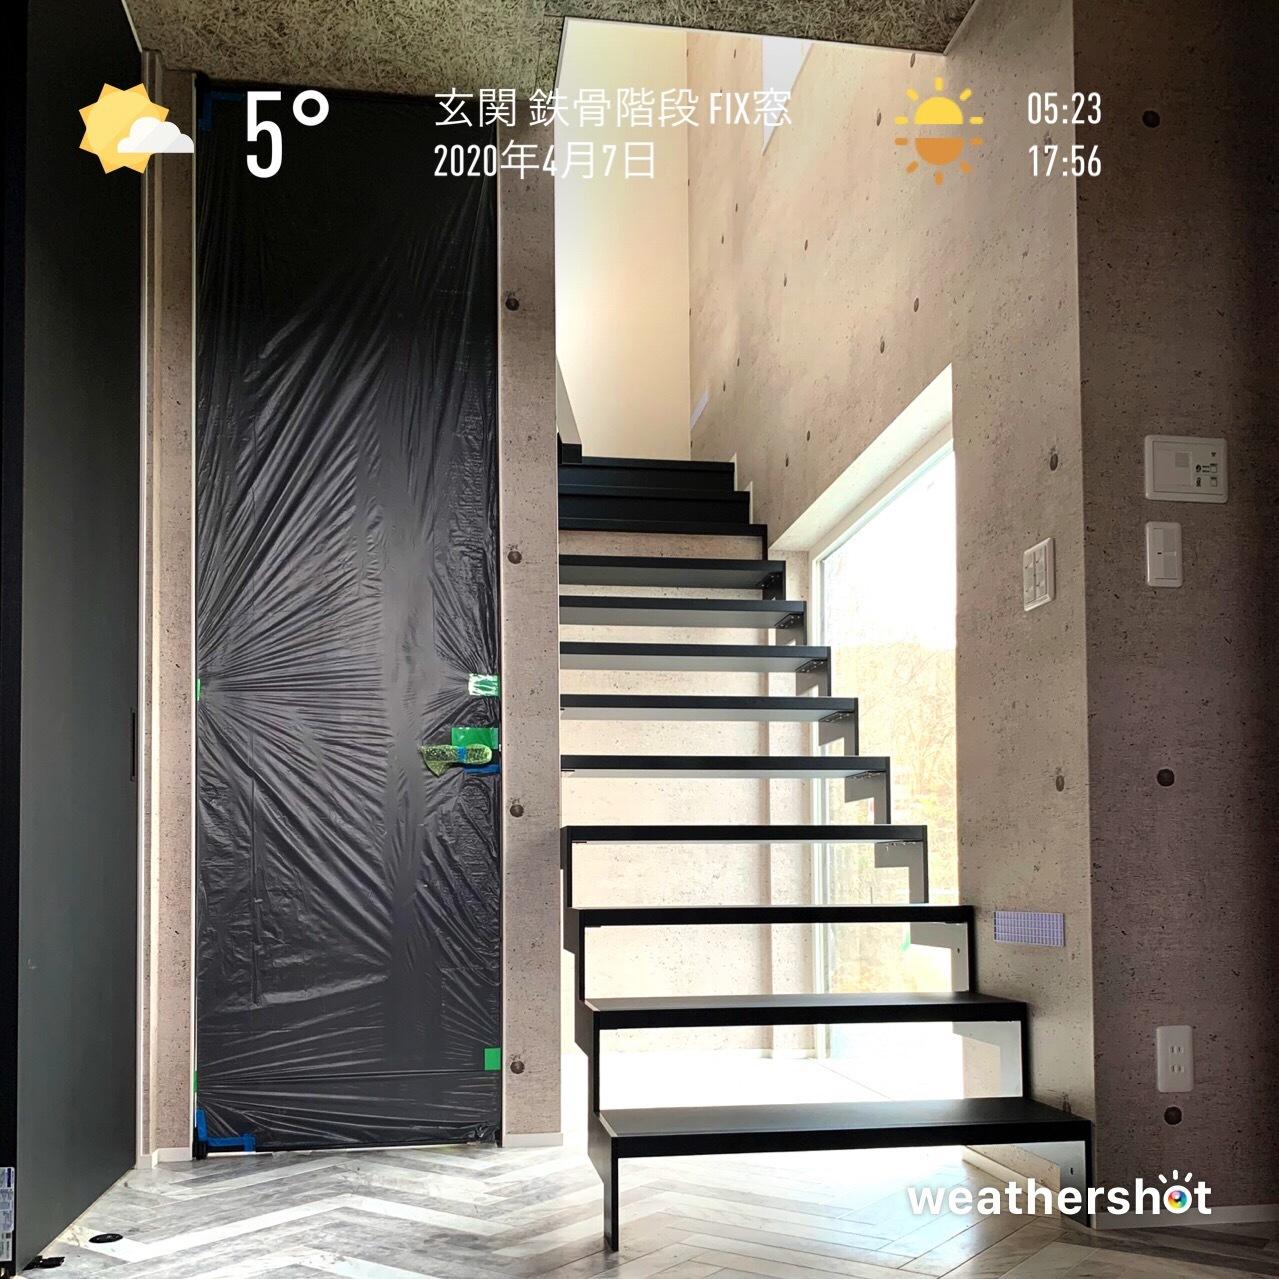 2020/4/7 玄関 鉄骨階段 FIX窓_f0116421_22170745.jpeg